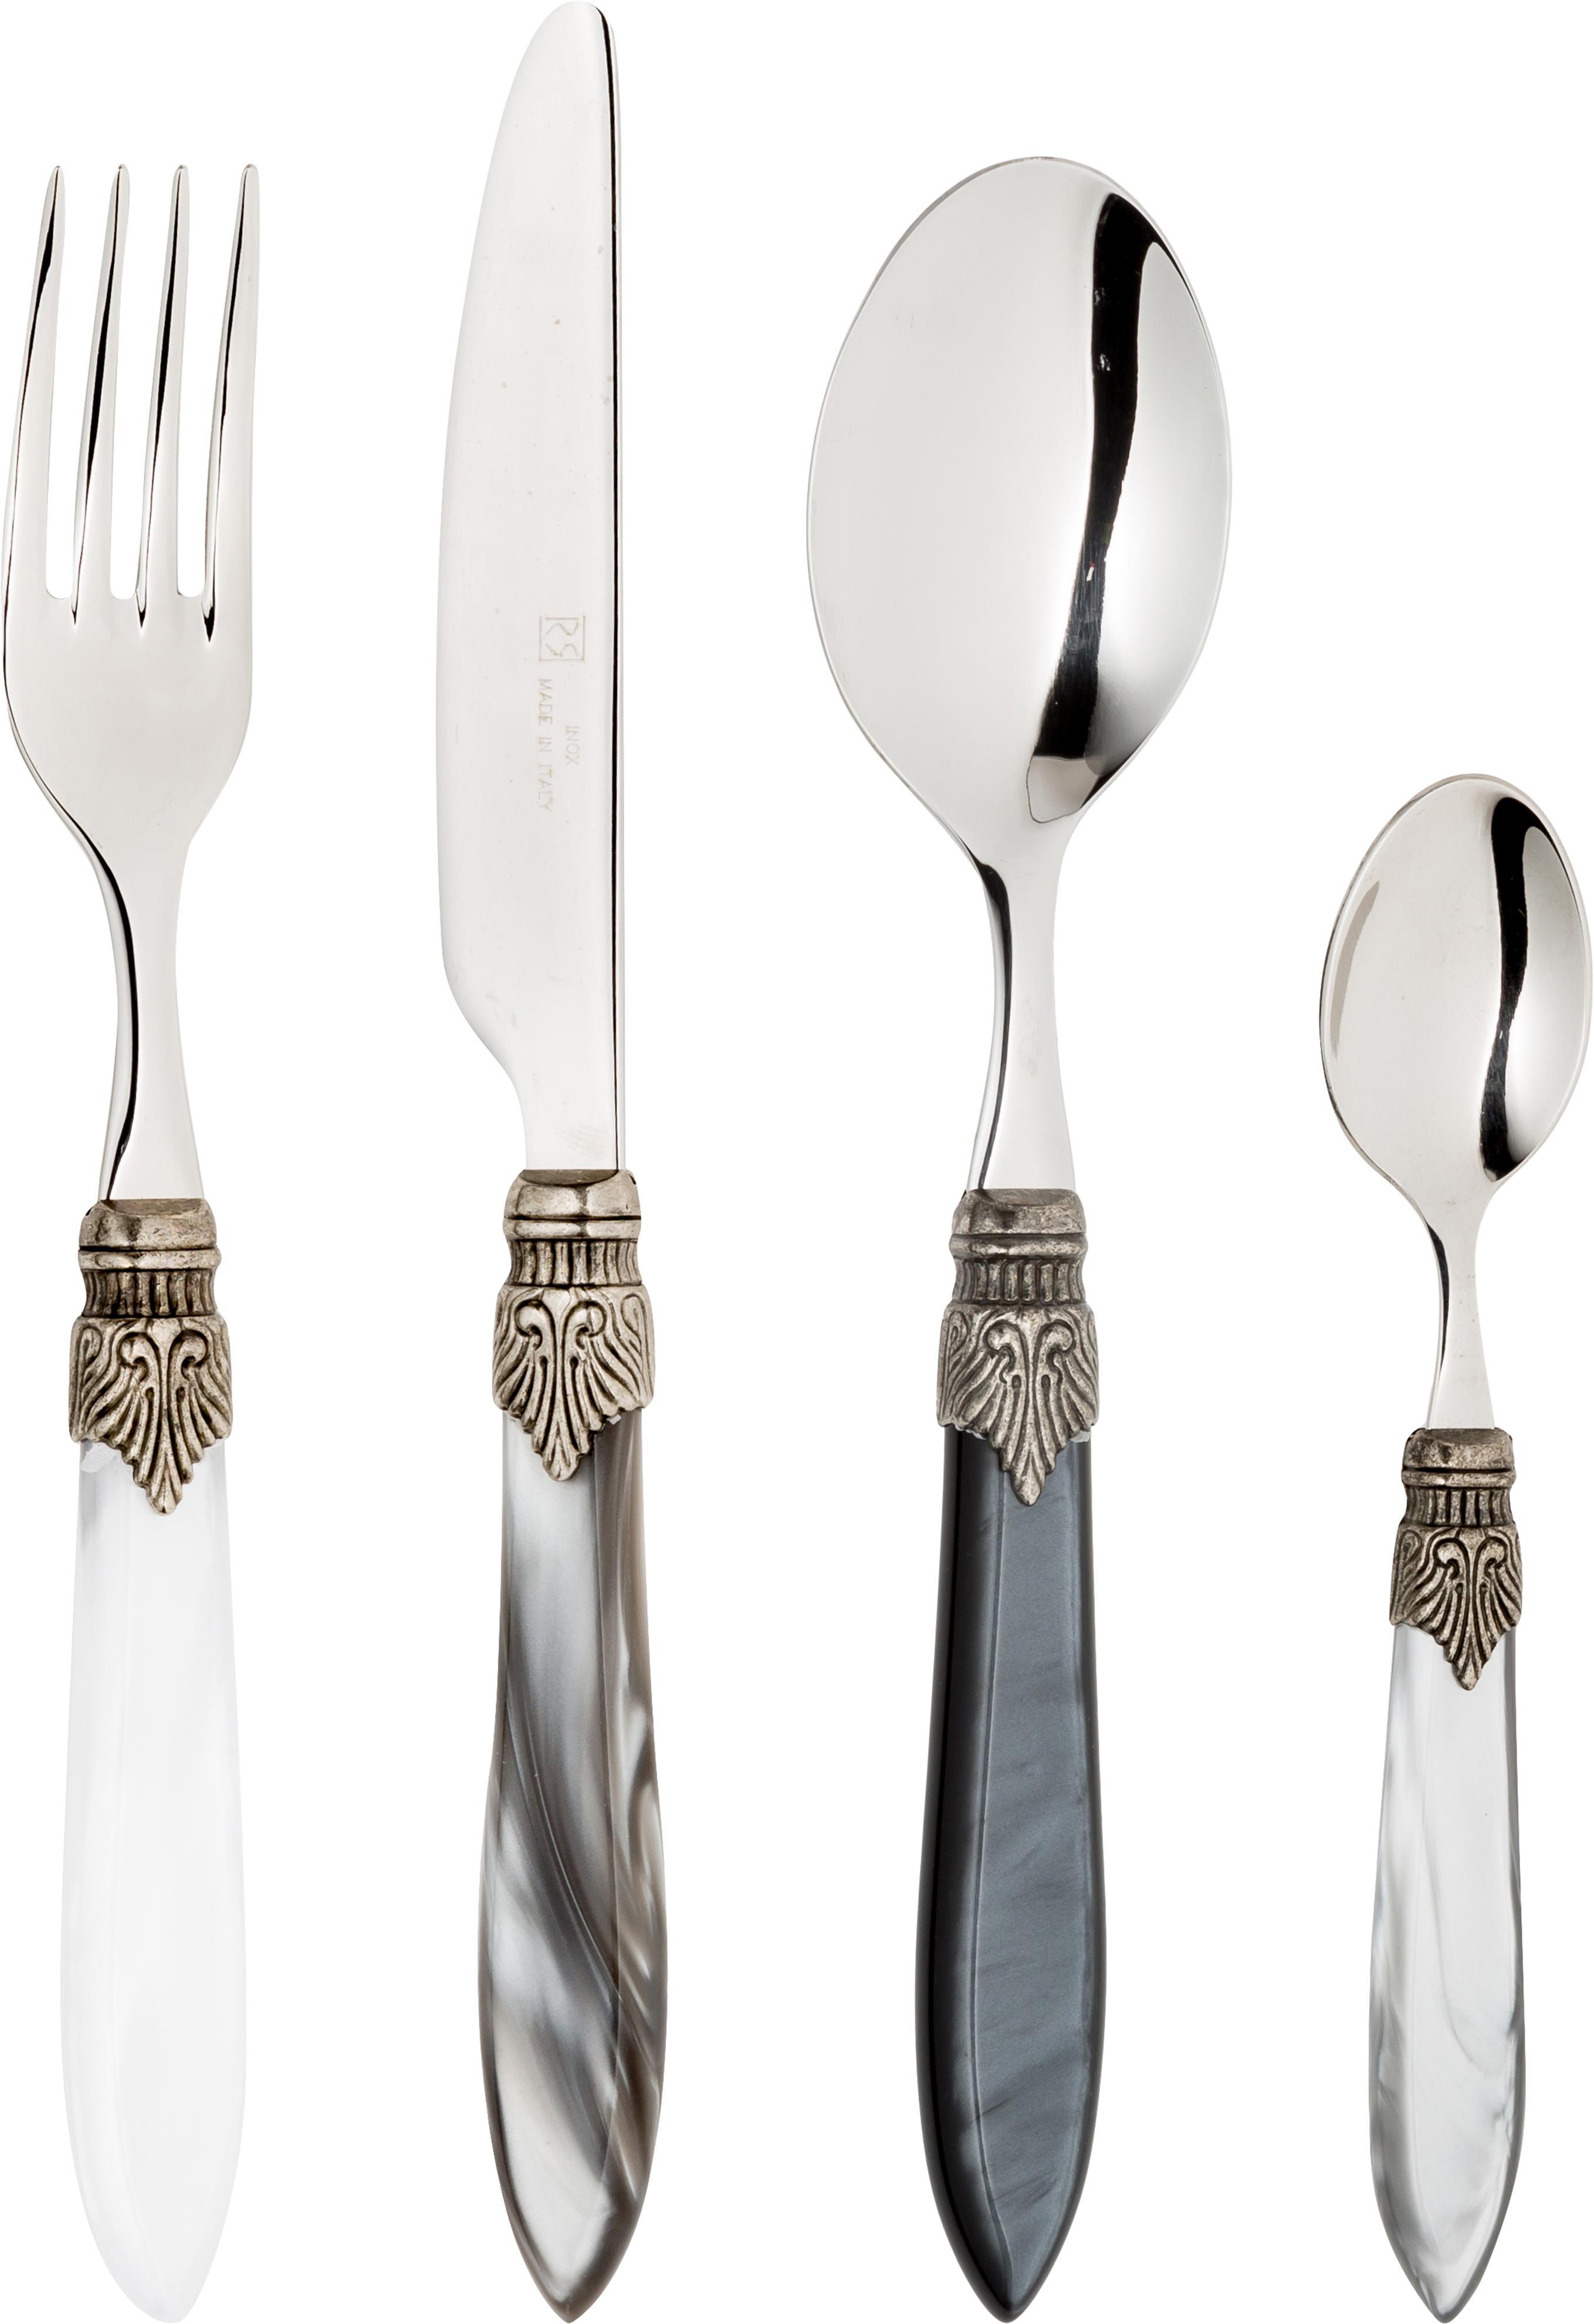 Silbernes Besteck-Set Murano aus 18/10 Edelstahl, 6 Personen (24-tlg.), Griff: Kunststoff, Grau, Sondergrößen